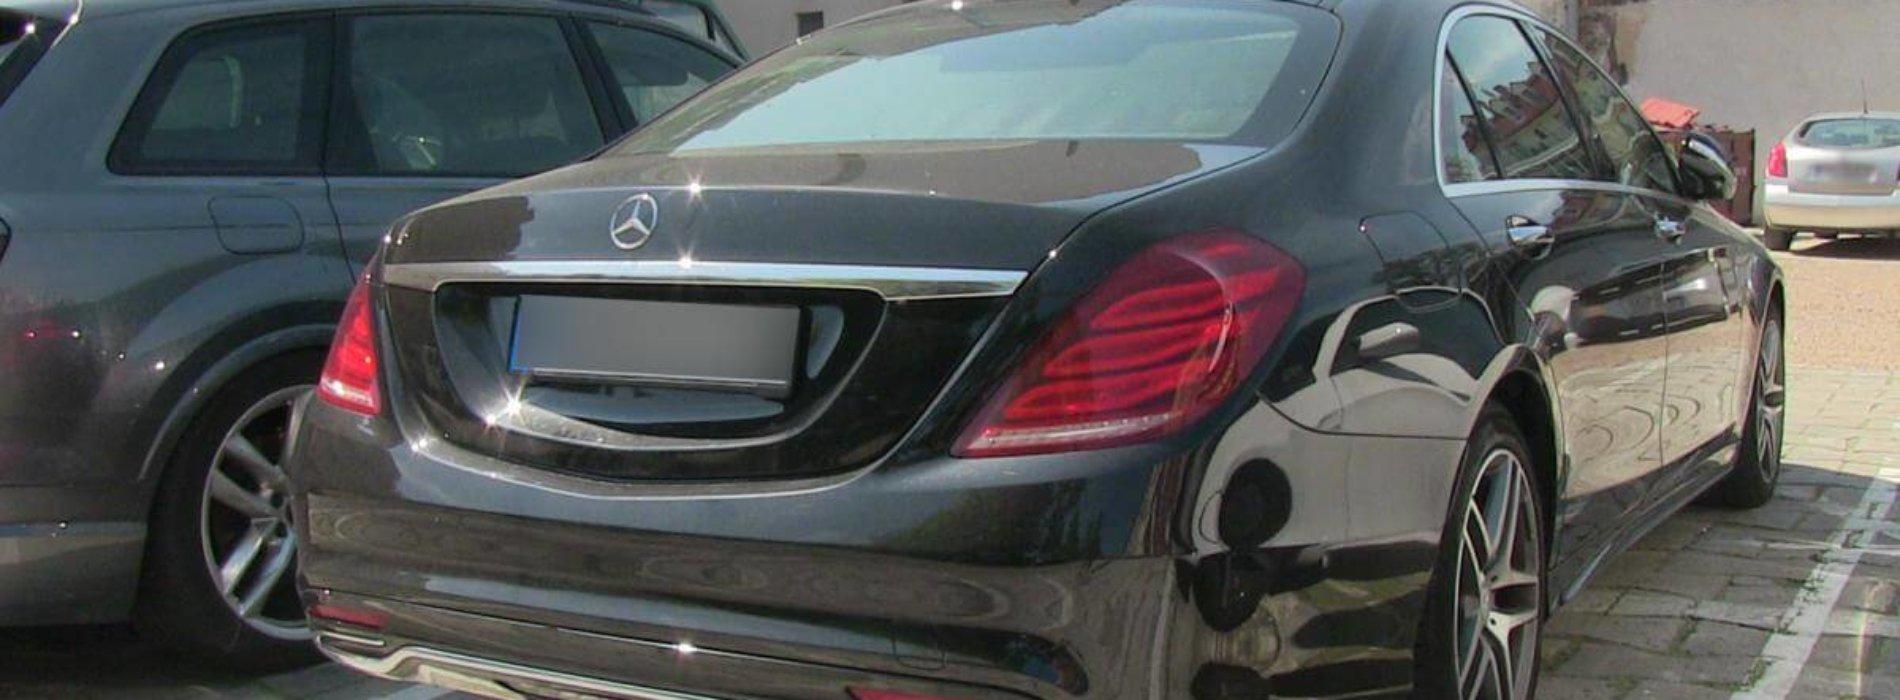 Funkcjonariusze odzyskali skradzionego we Francji mercedesa klasy S, wartego 0,5 mln złotych i zatrzymali sprawcę tej kradzieży z włamaniem